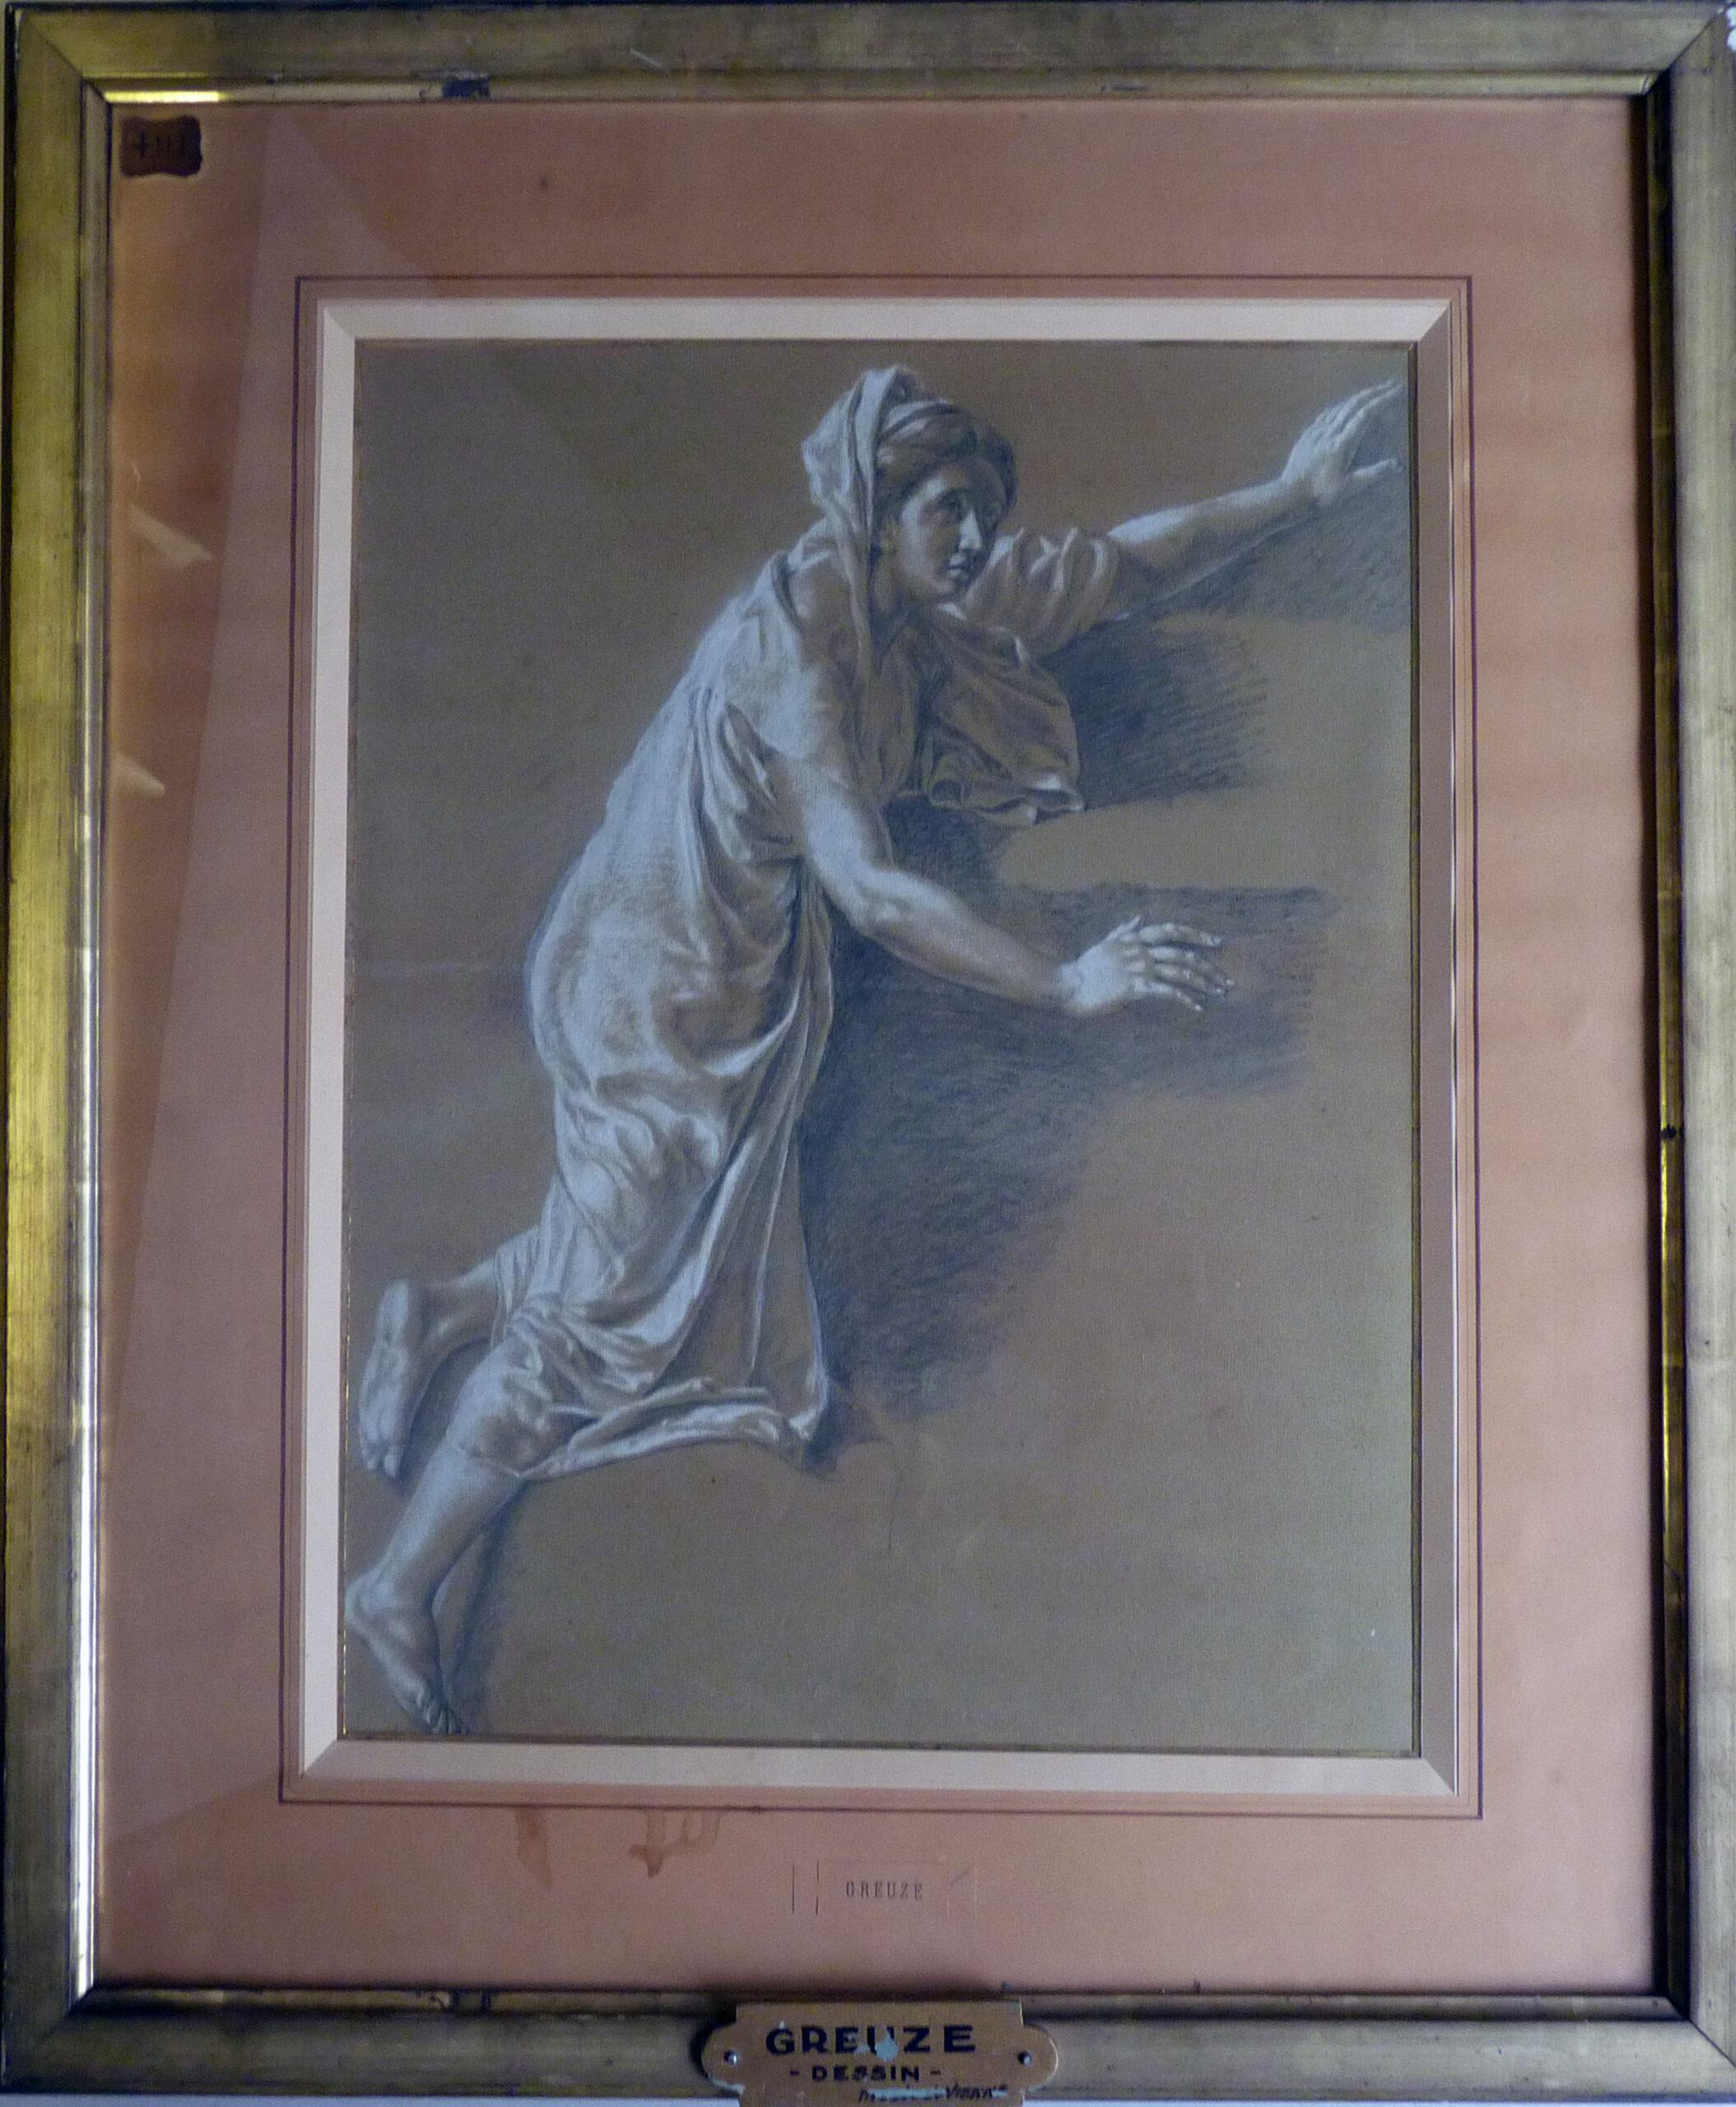 Jean-Baptiste Greuze (attribué à) (1725-1805). Femme antique, milieu XVIIIe s.